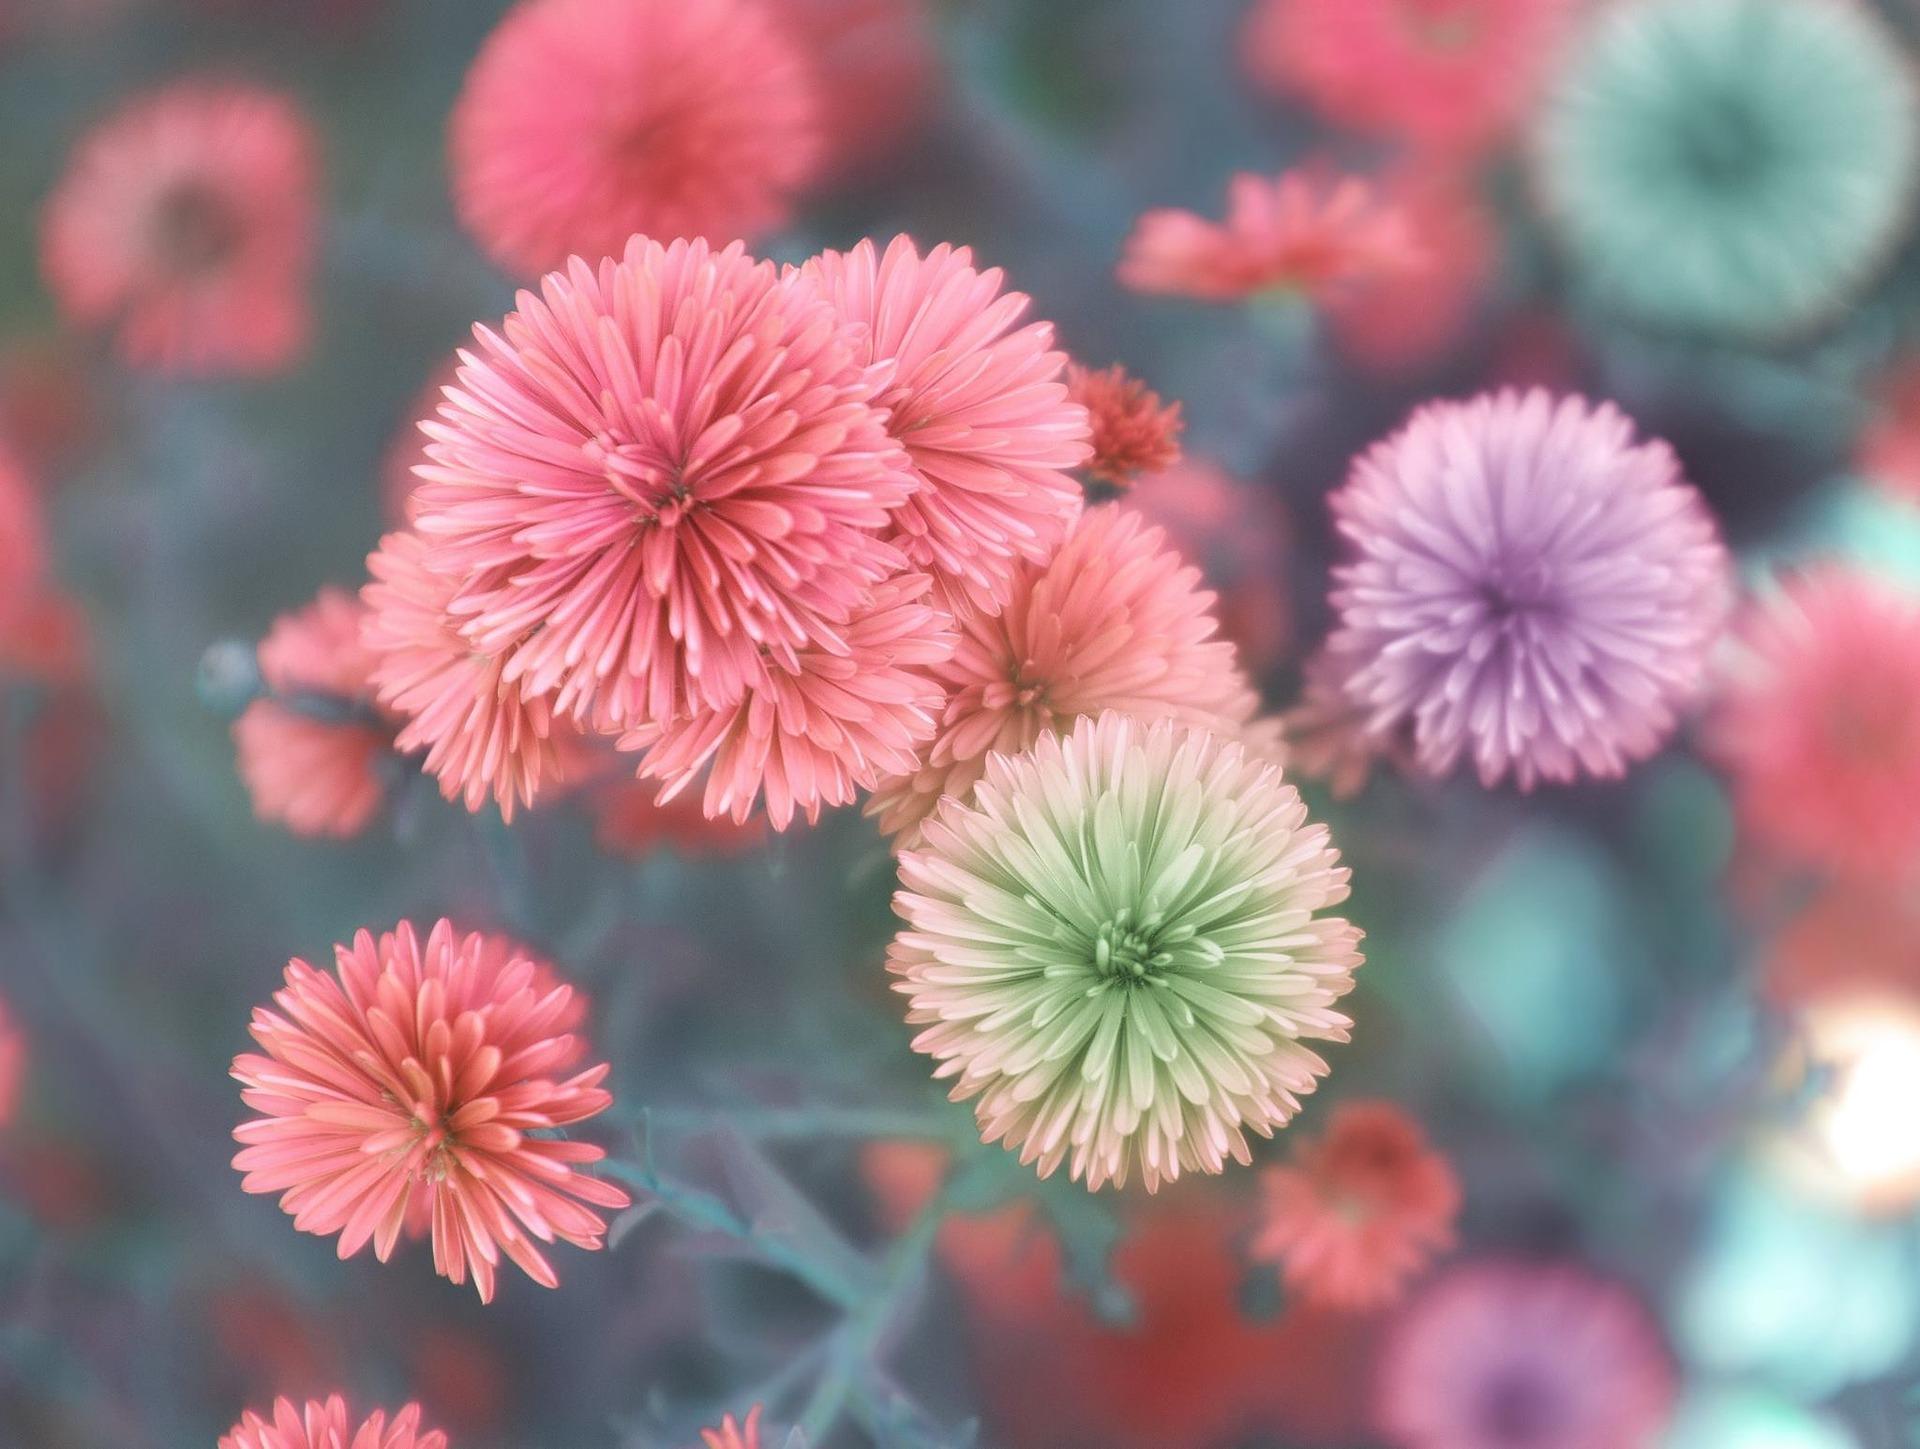 flower-3143418_1920-1